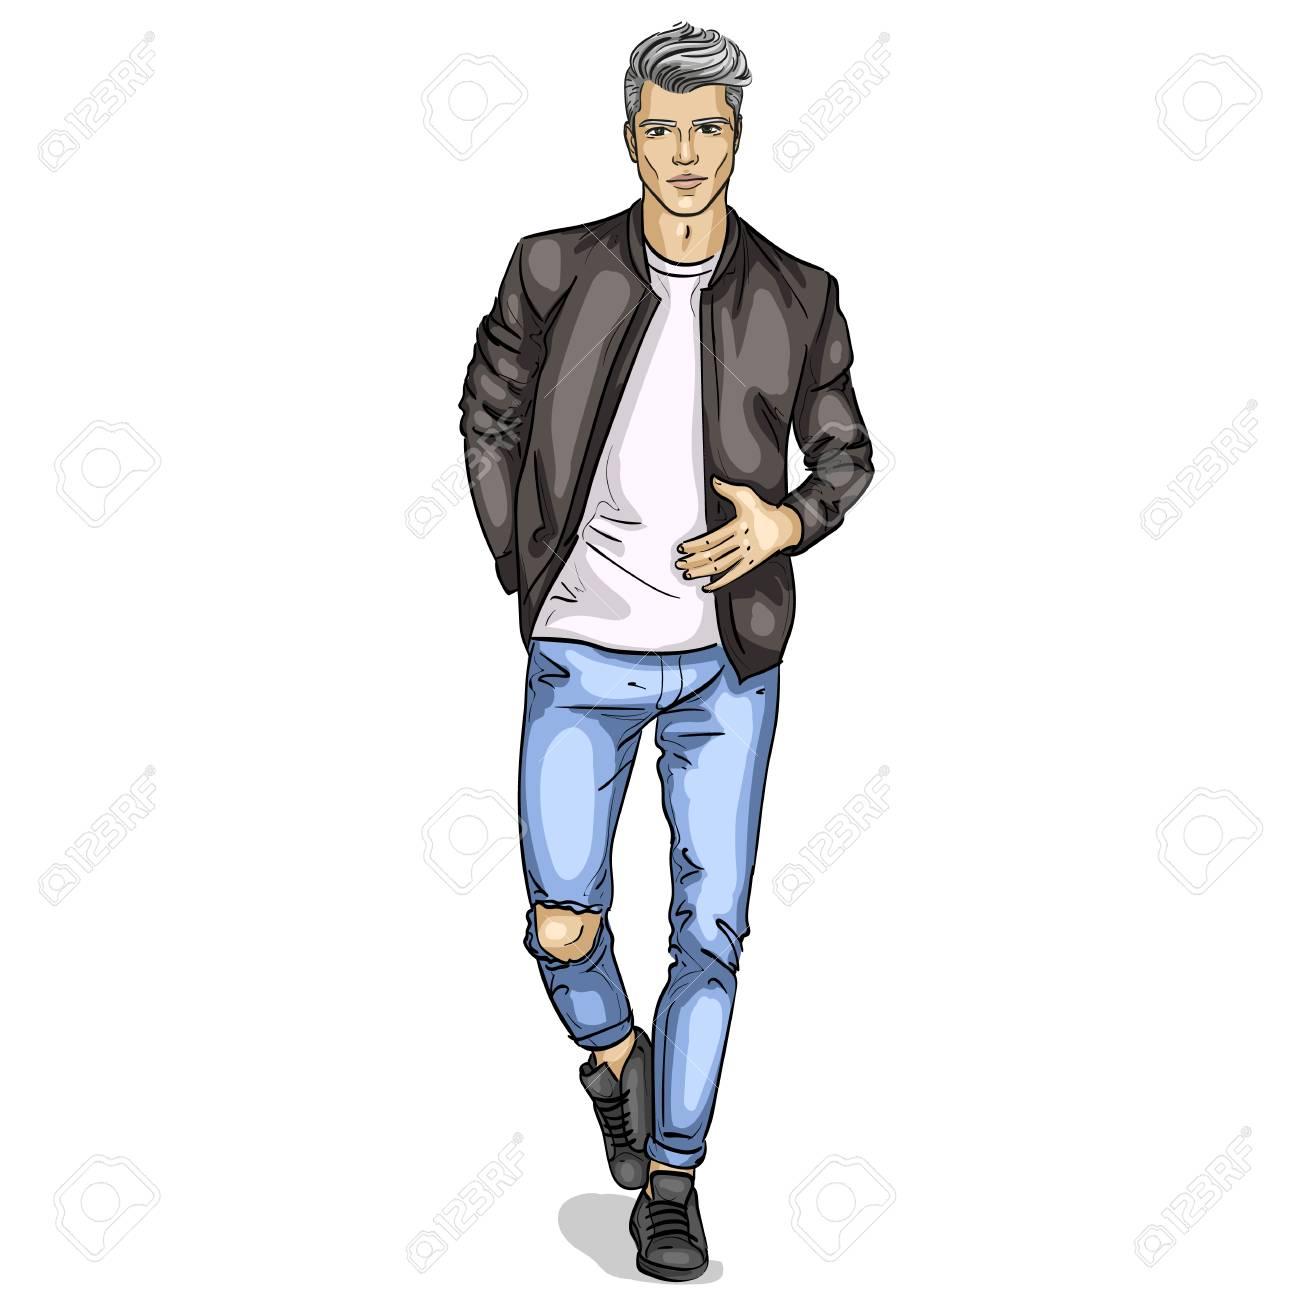 Baskets Homme Et Mannequin Habillé Shirtblouson Clip Fvygib76y En Jeanst OPikTwZXu